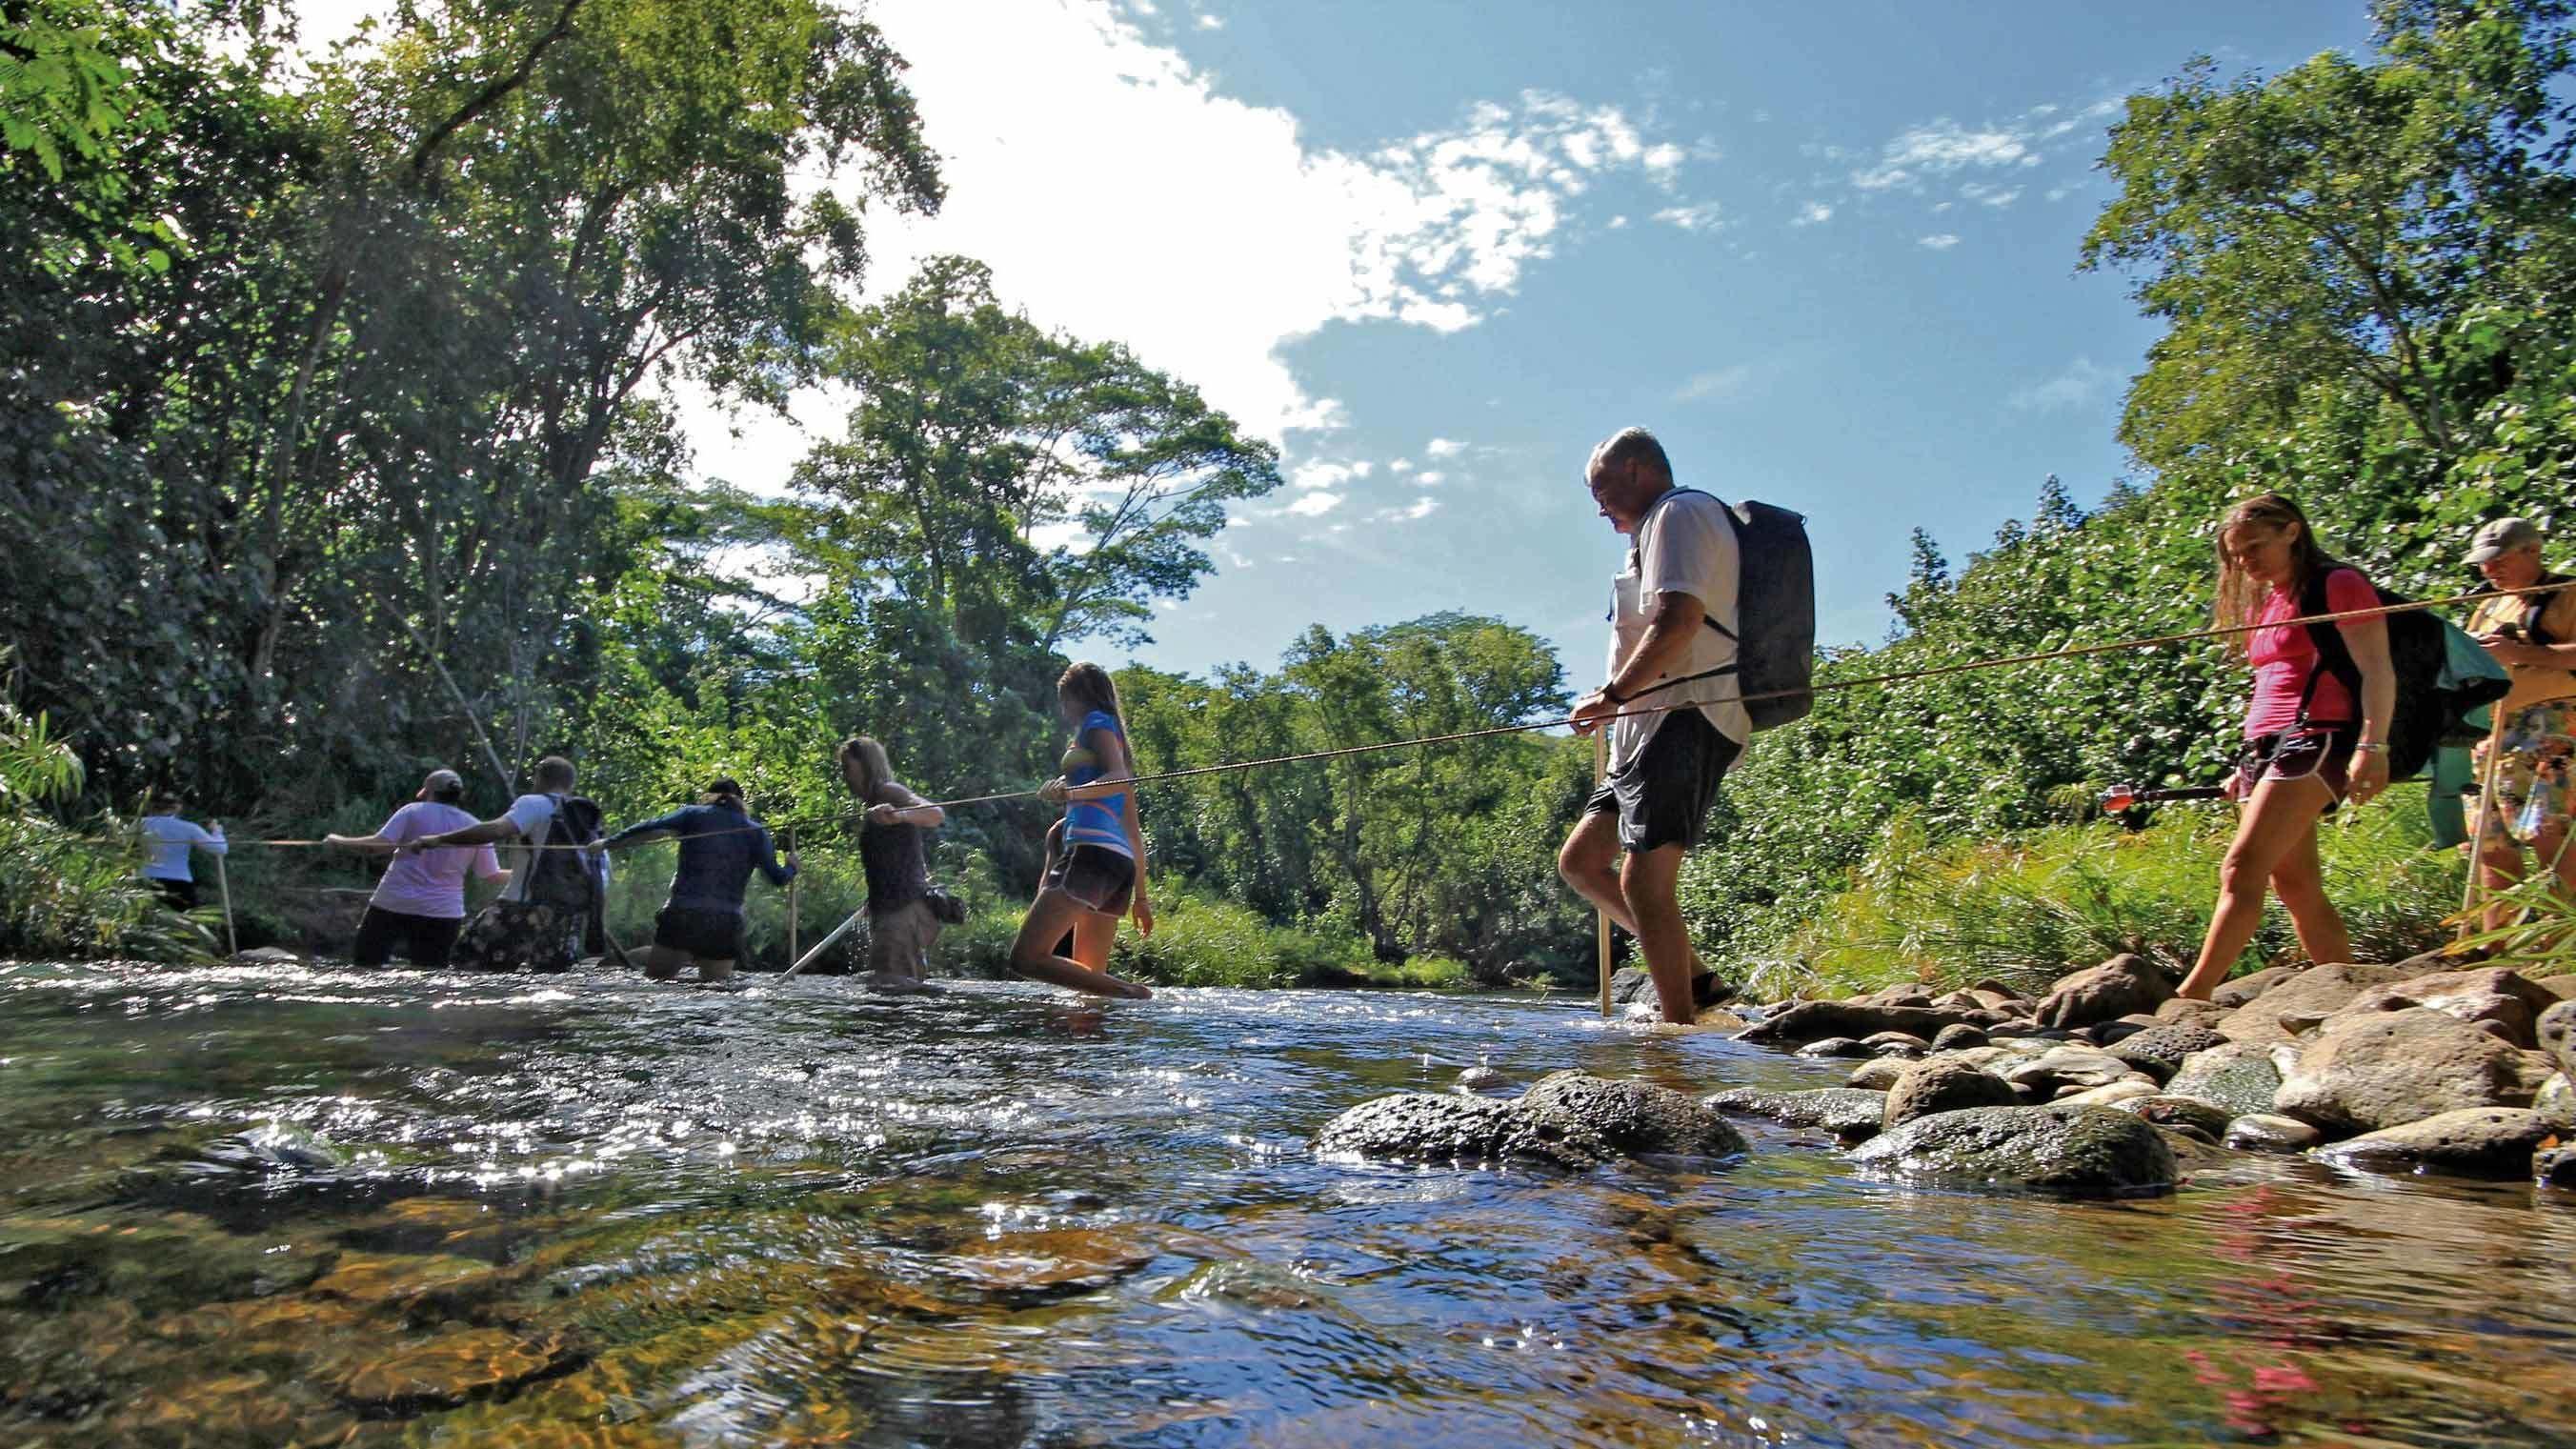 5-Hour Secret Falls Kayak/Hike